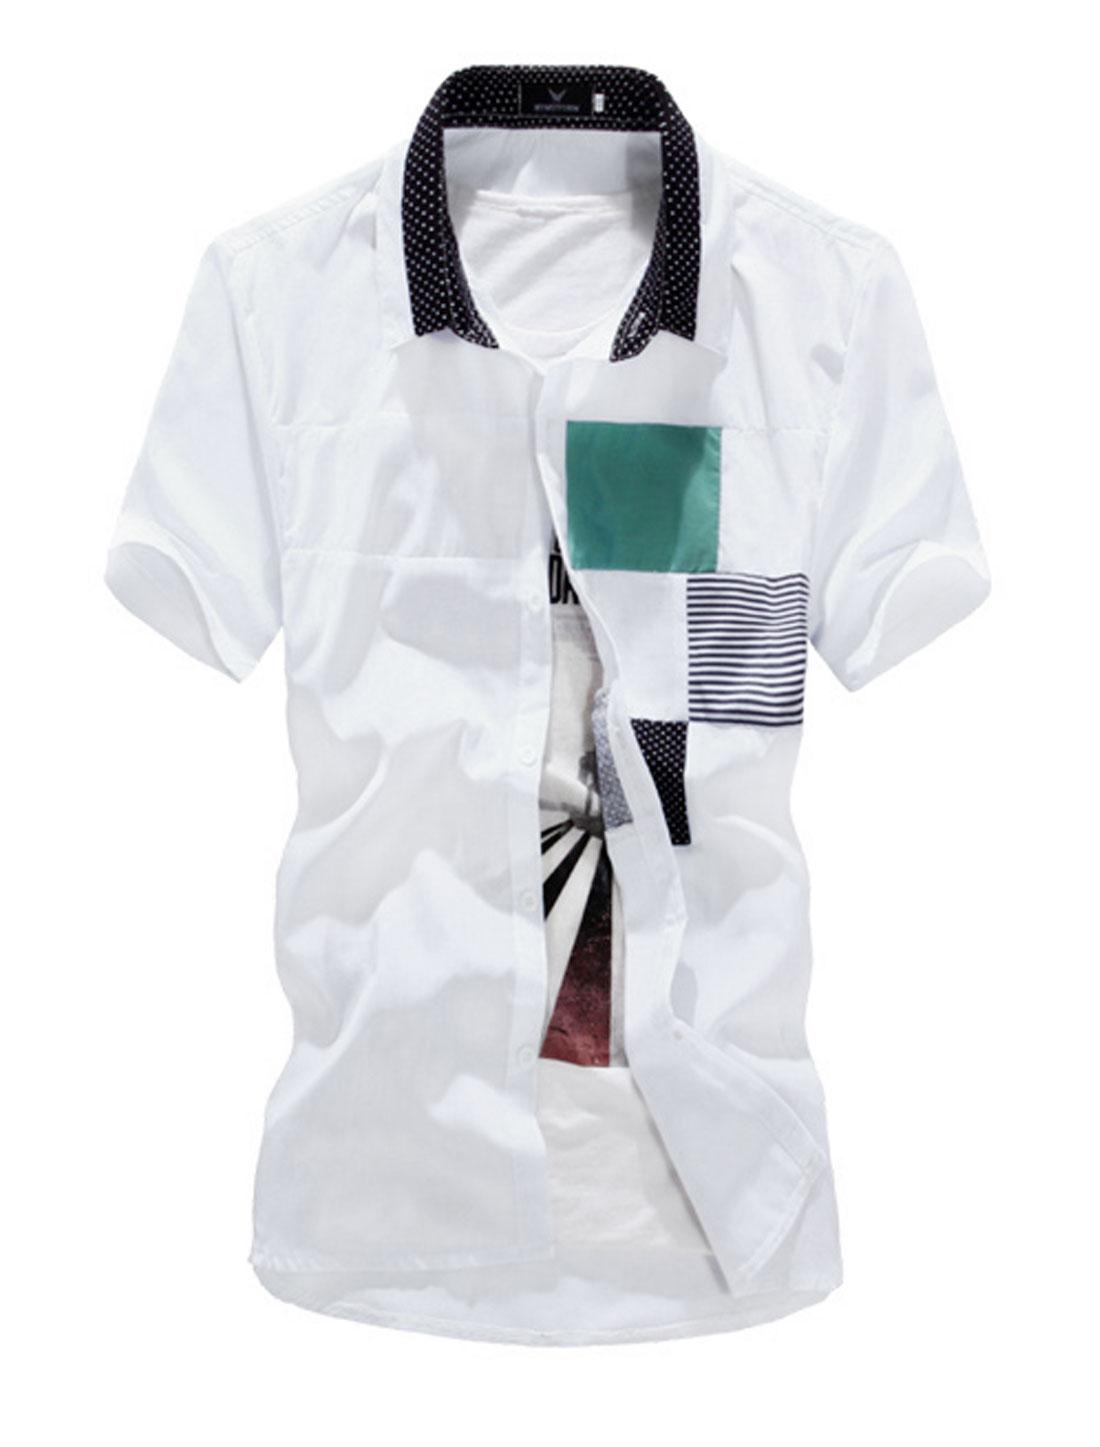 Men Point Collar Dots Prints Colorblock Button Up Shirt White M